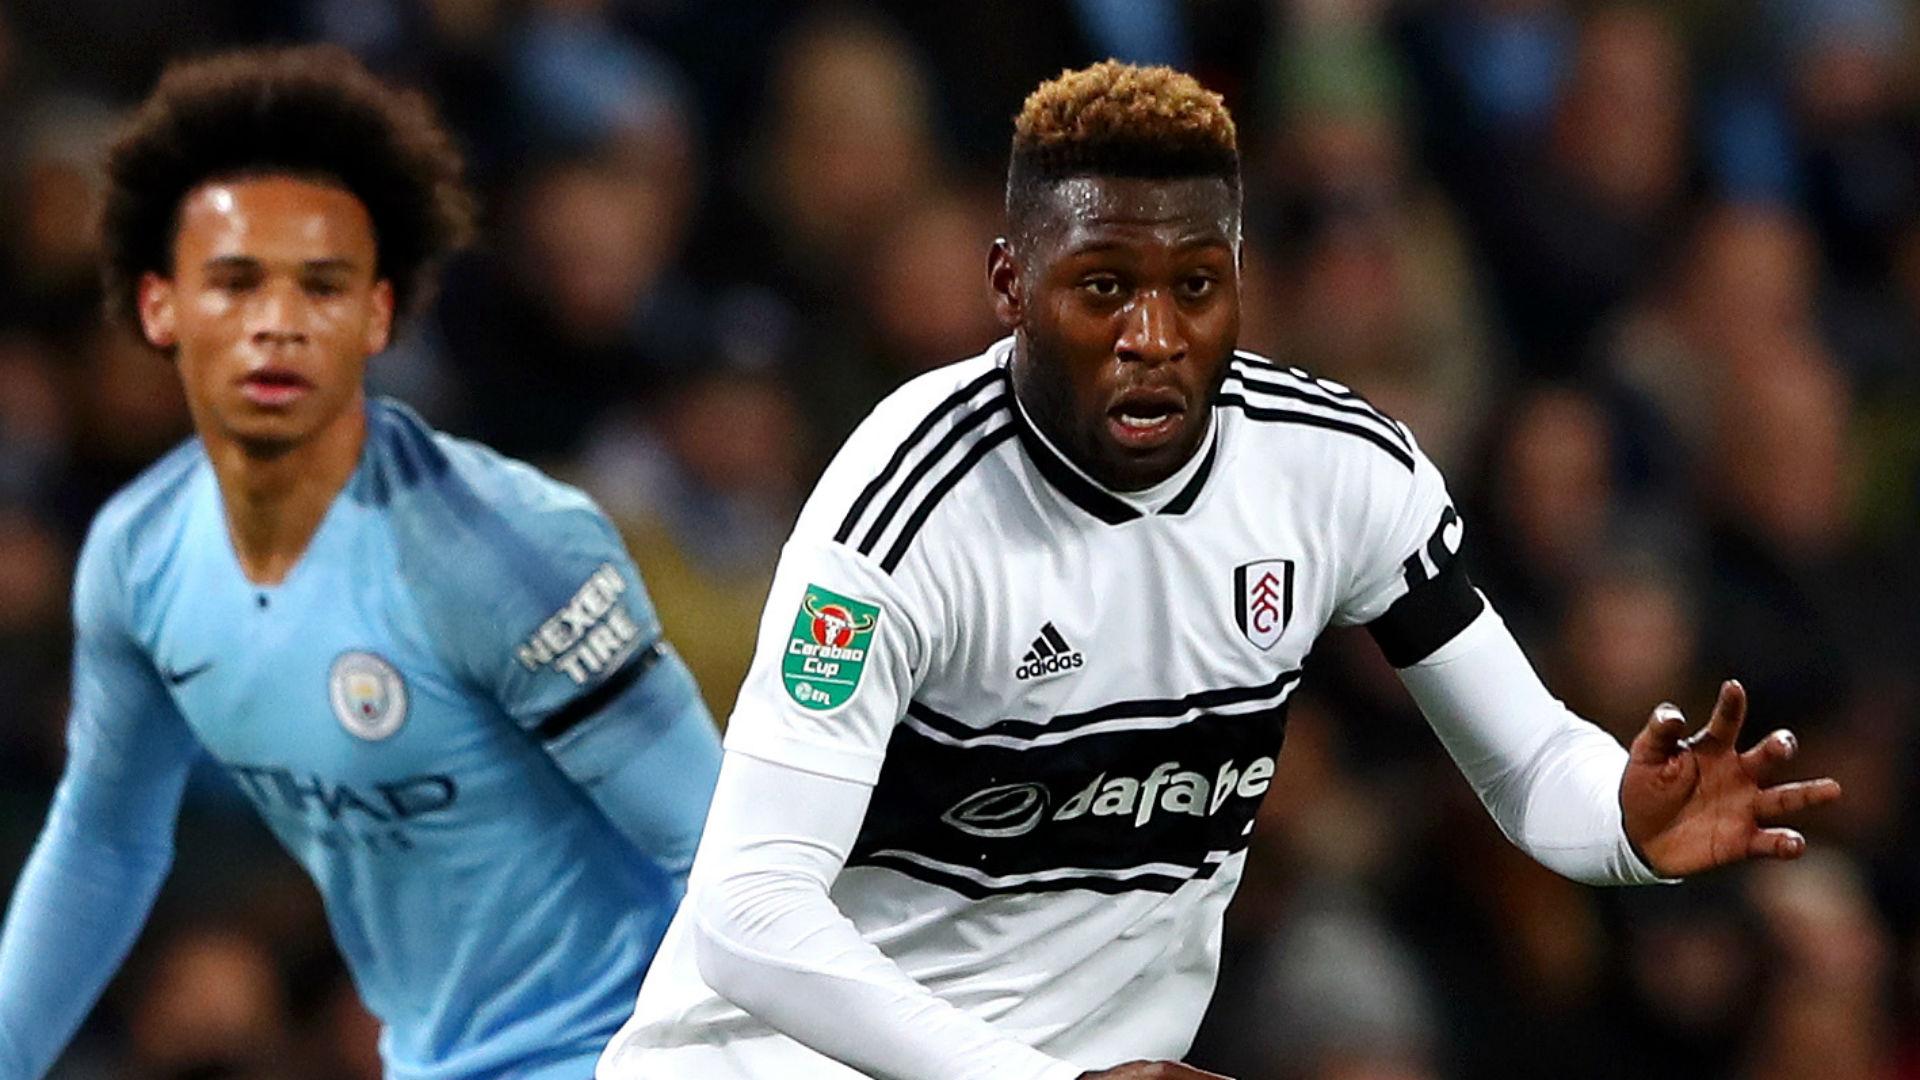 Fosu-Mensah gets contract extension